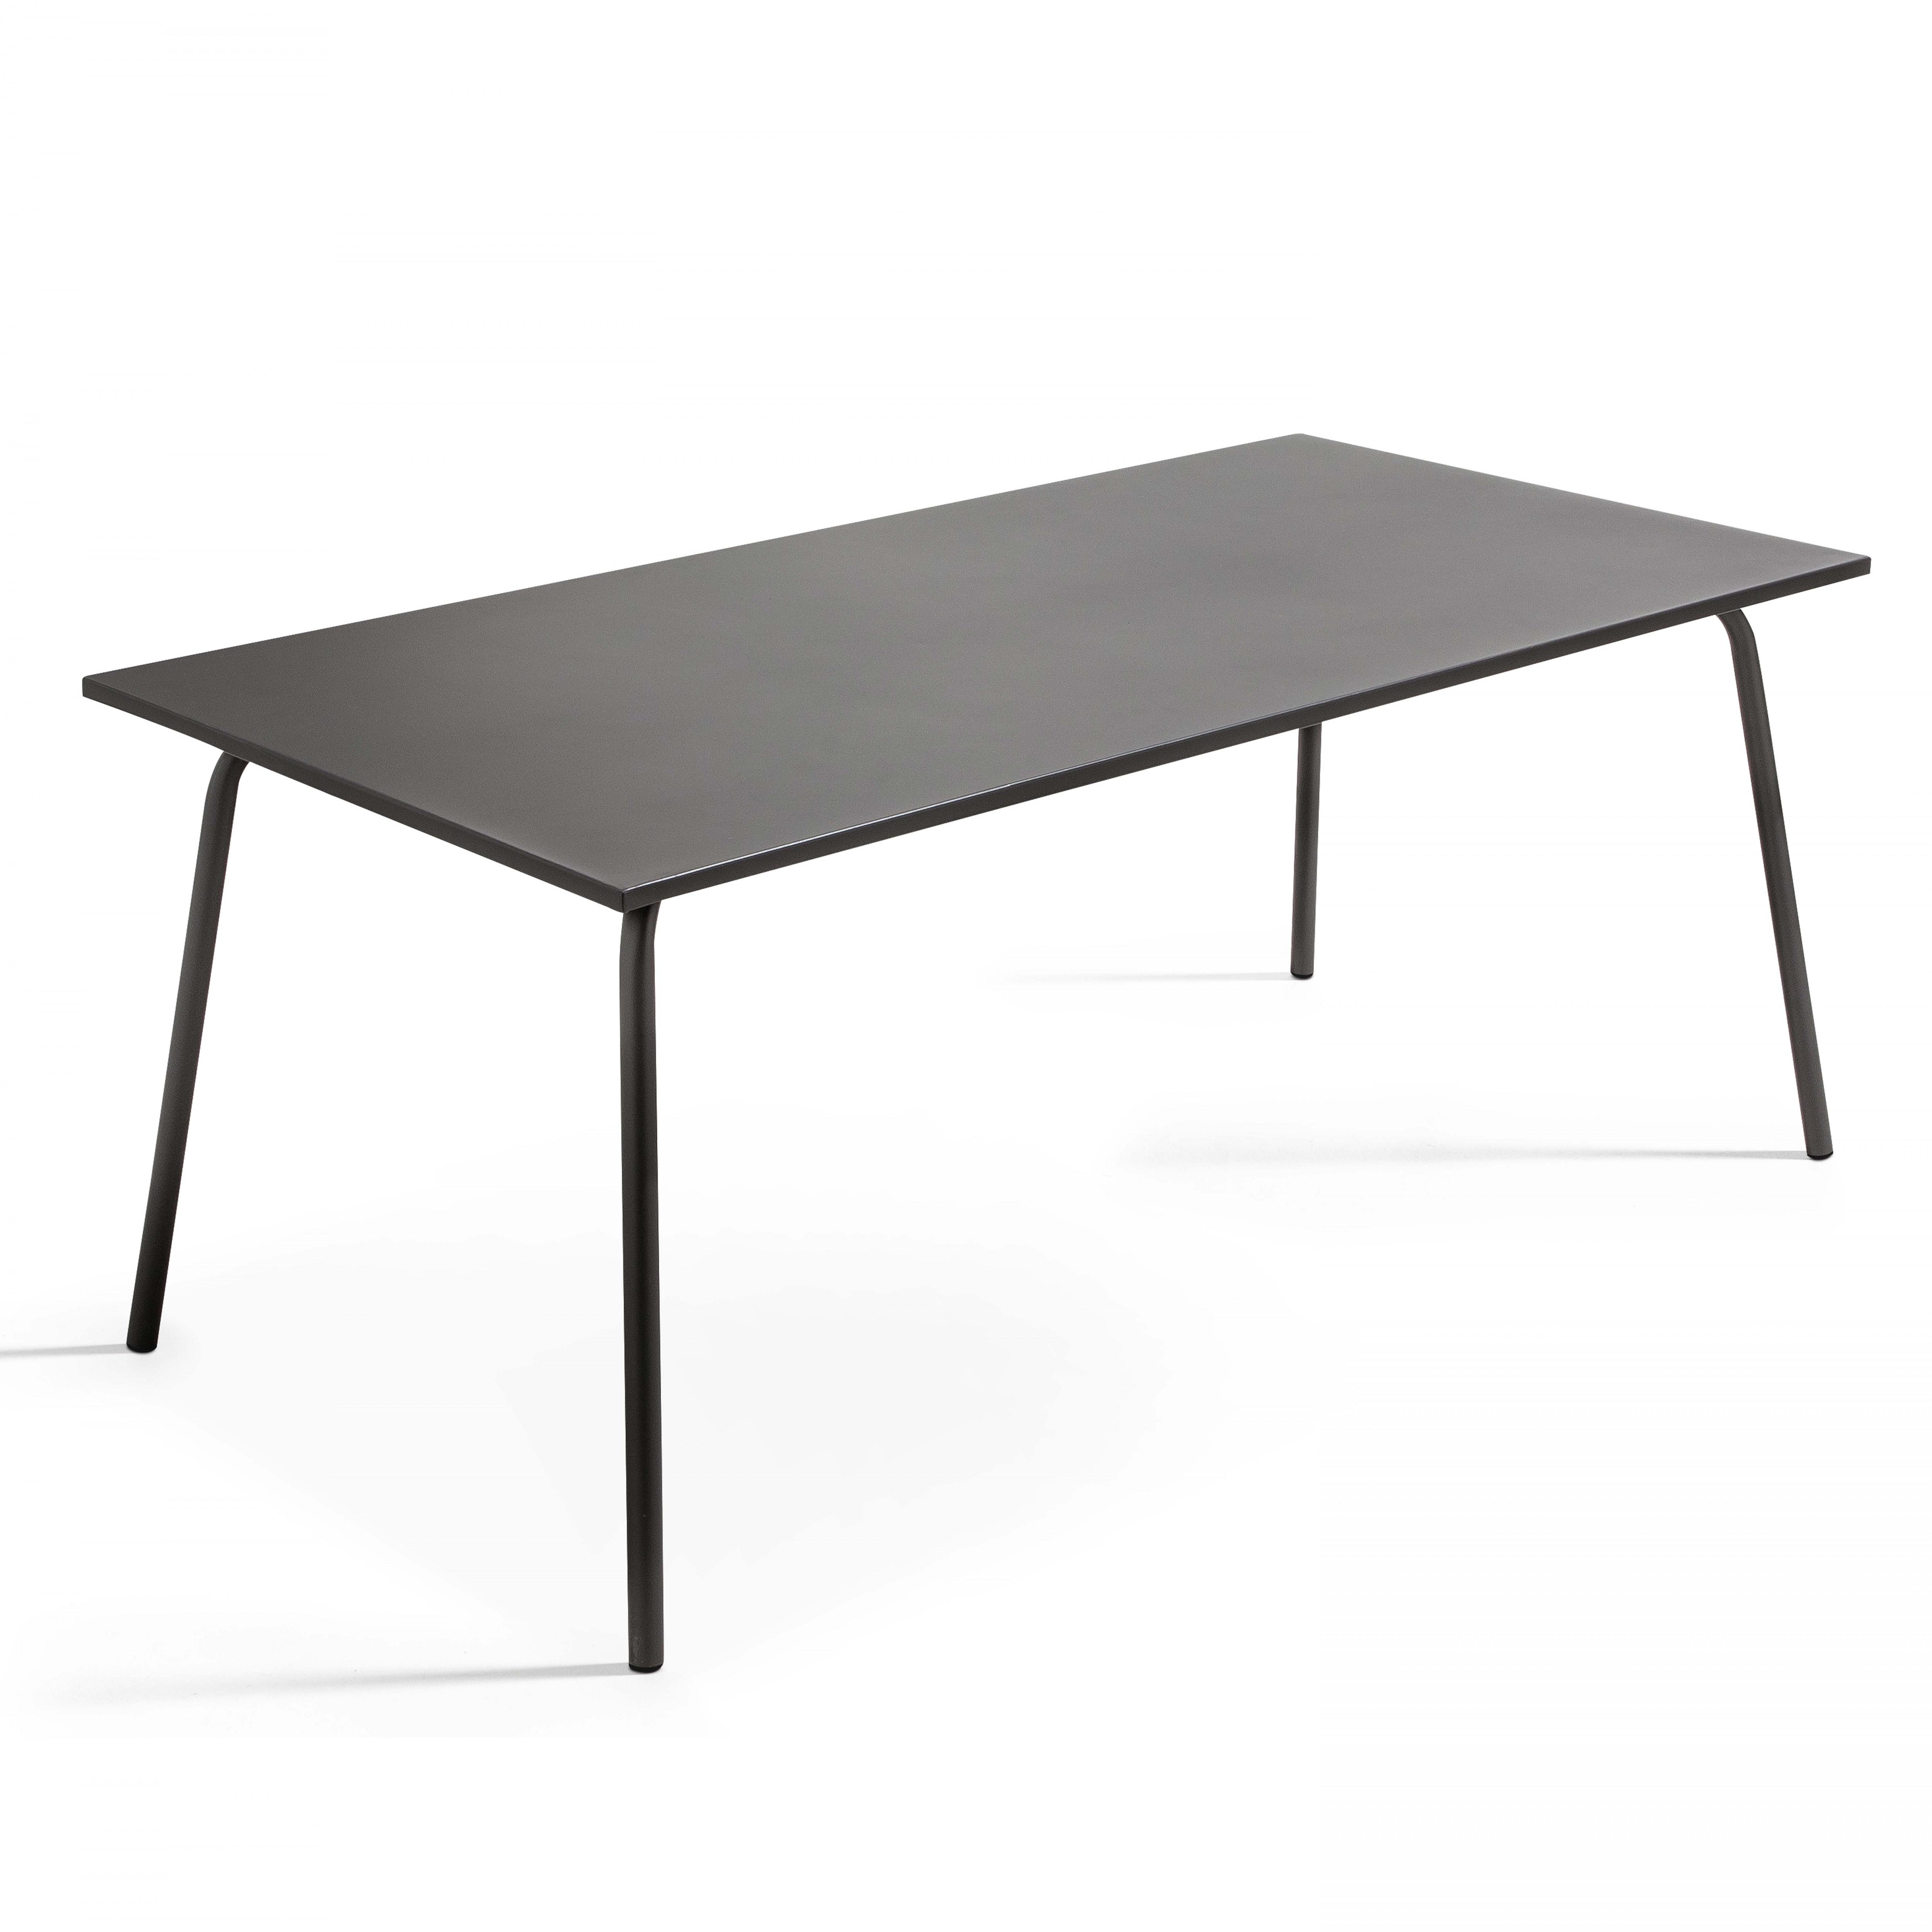 Table rectangulaire minimaliste en acier gris 8 places